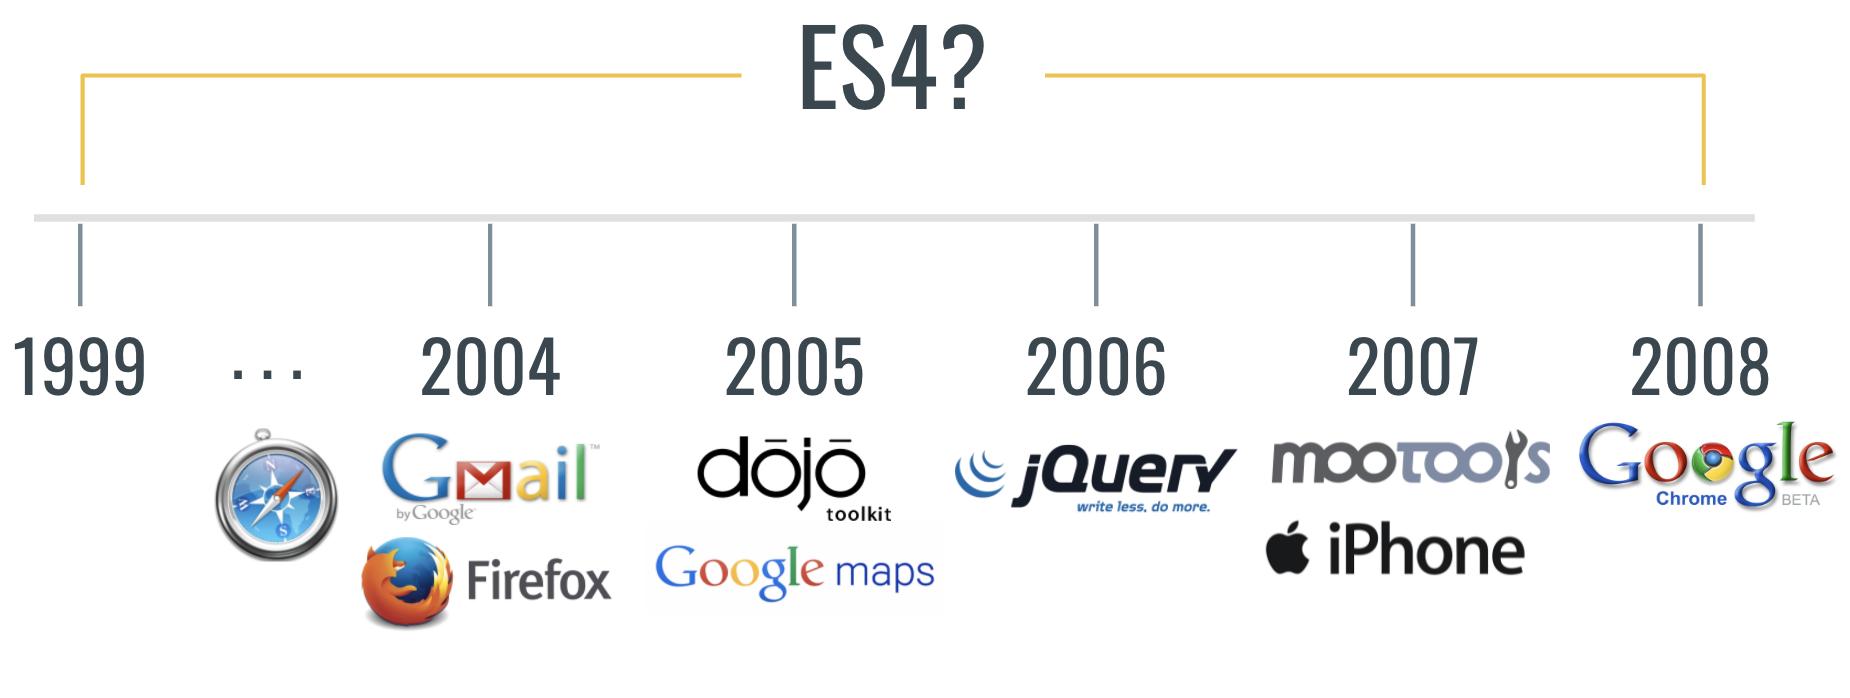 Timeline of ES4